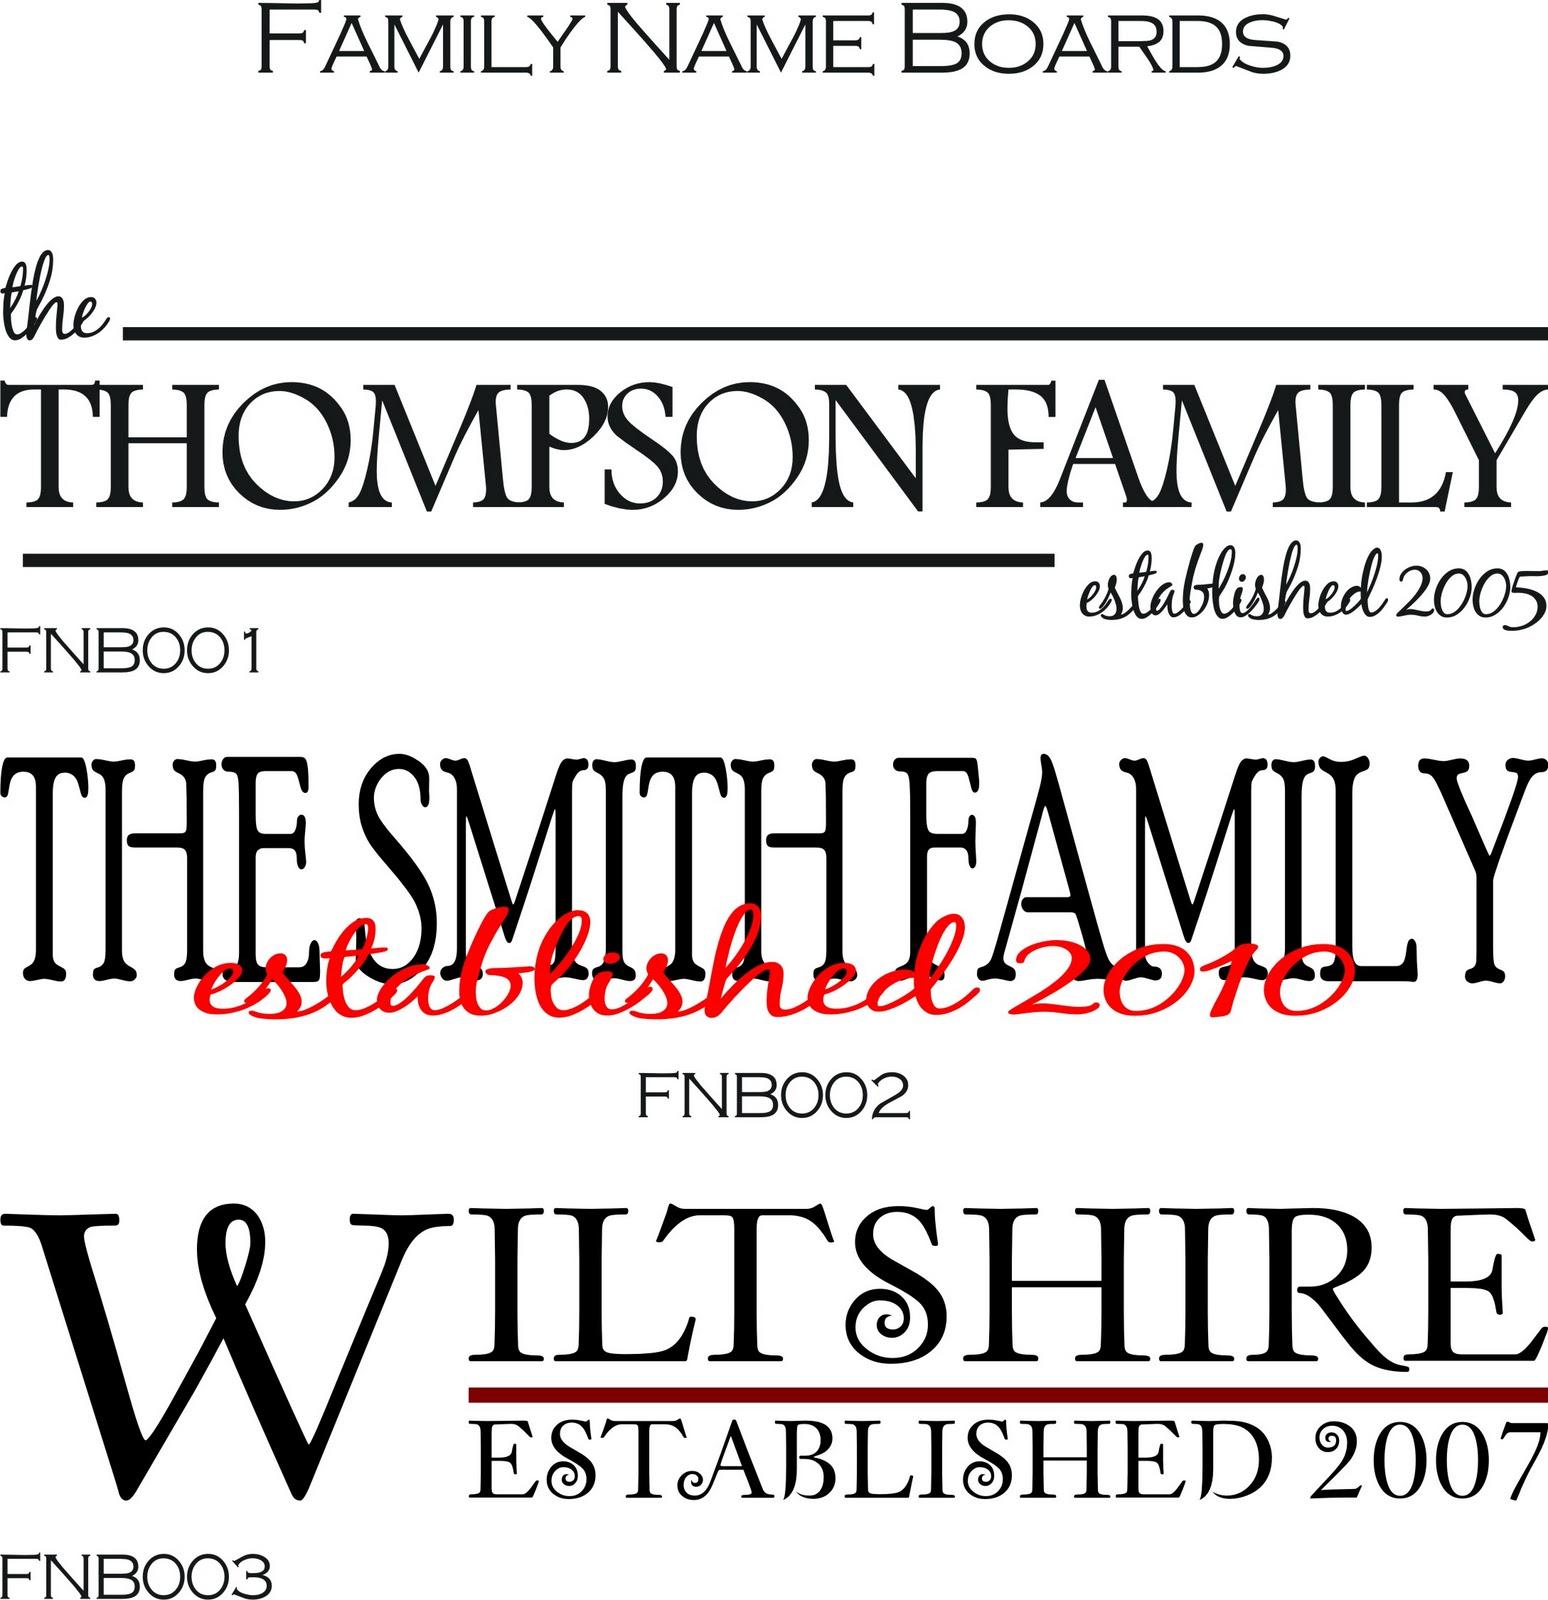 Family Name Boards